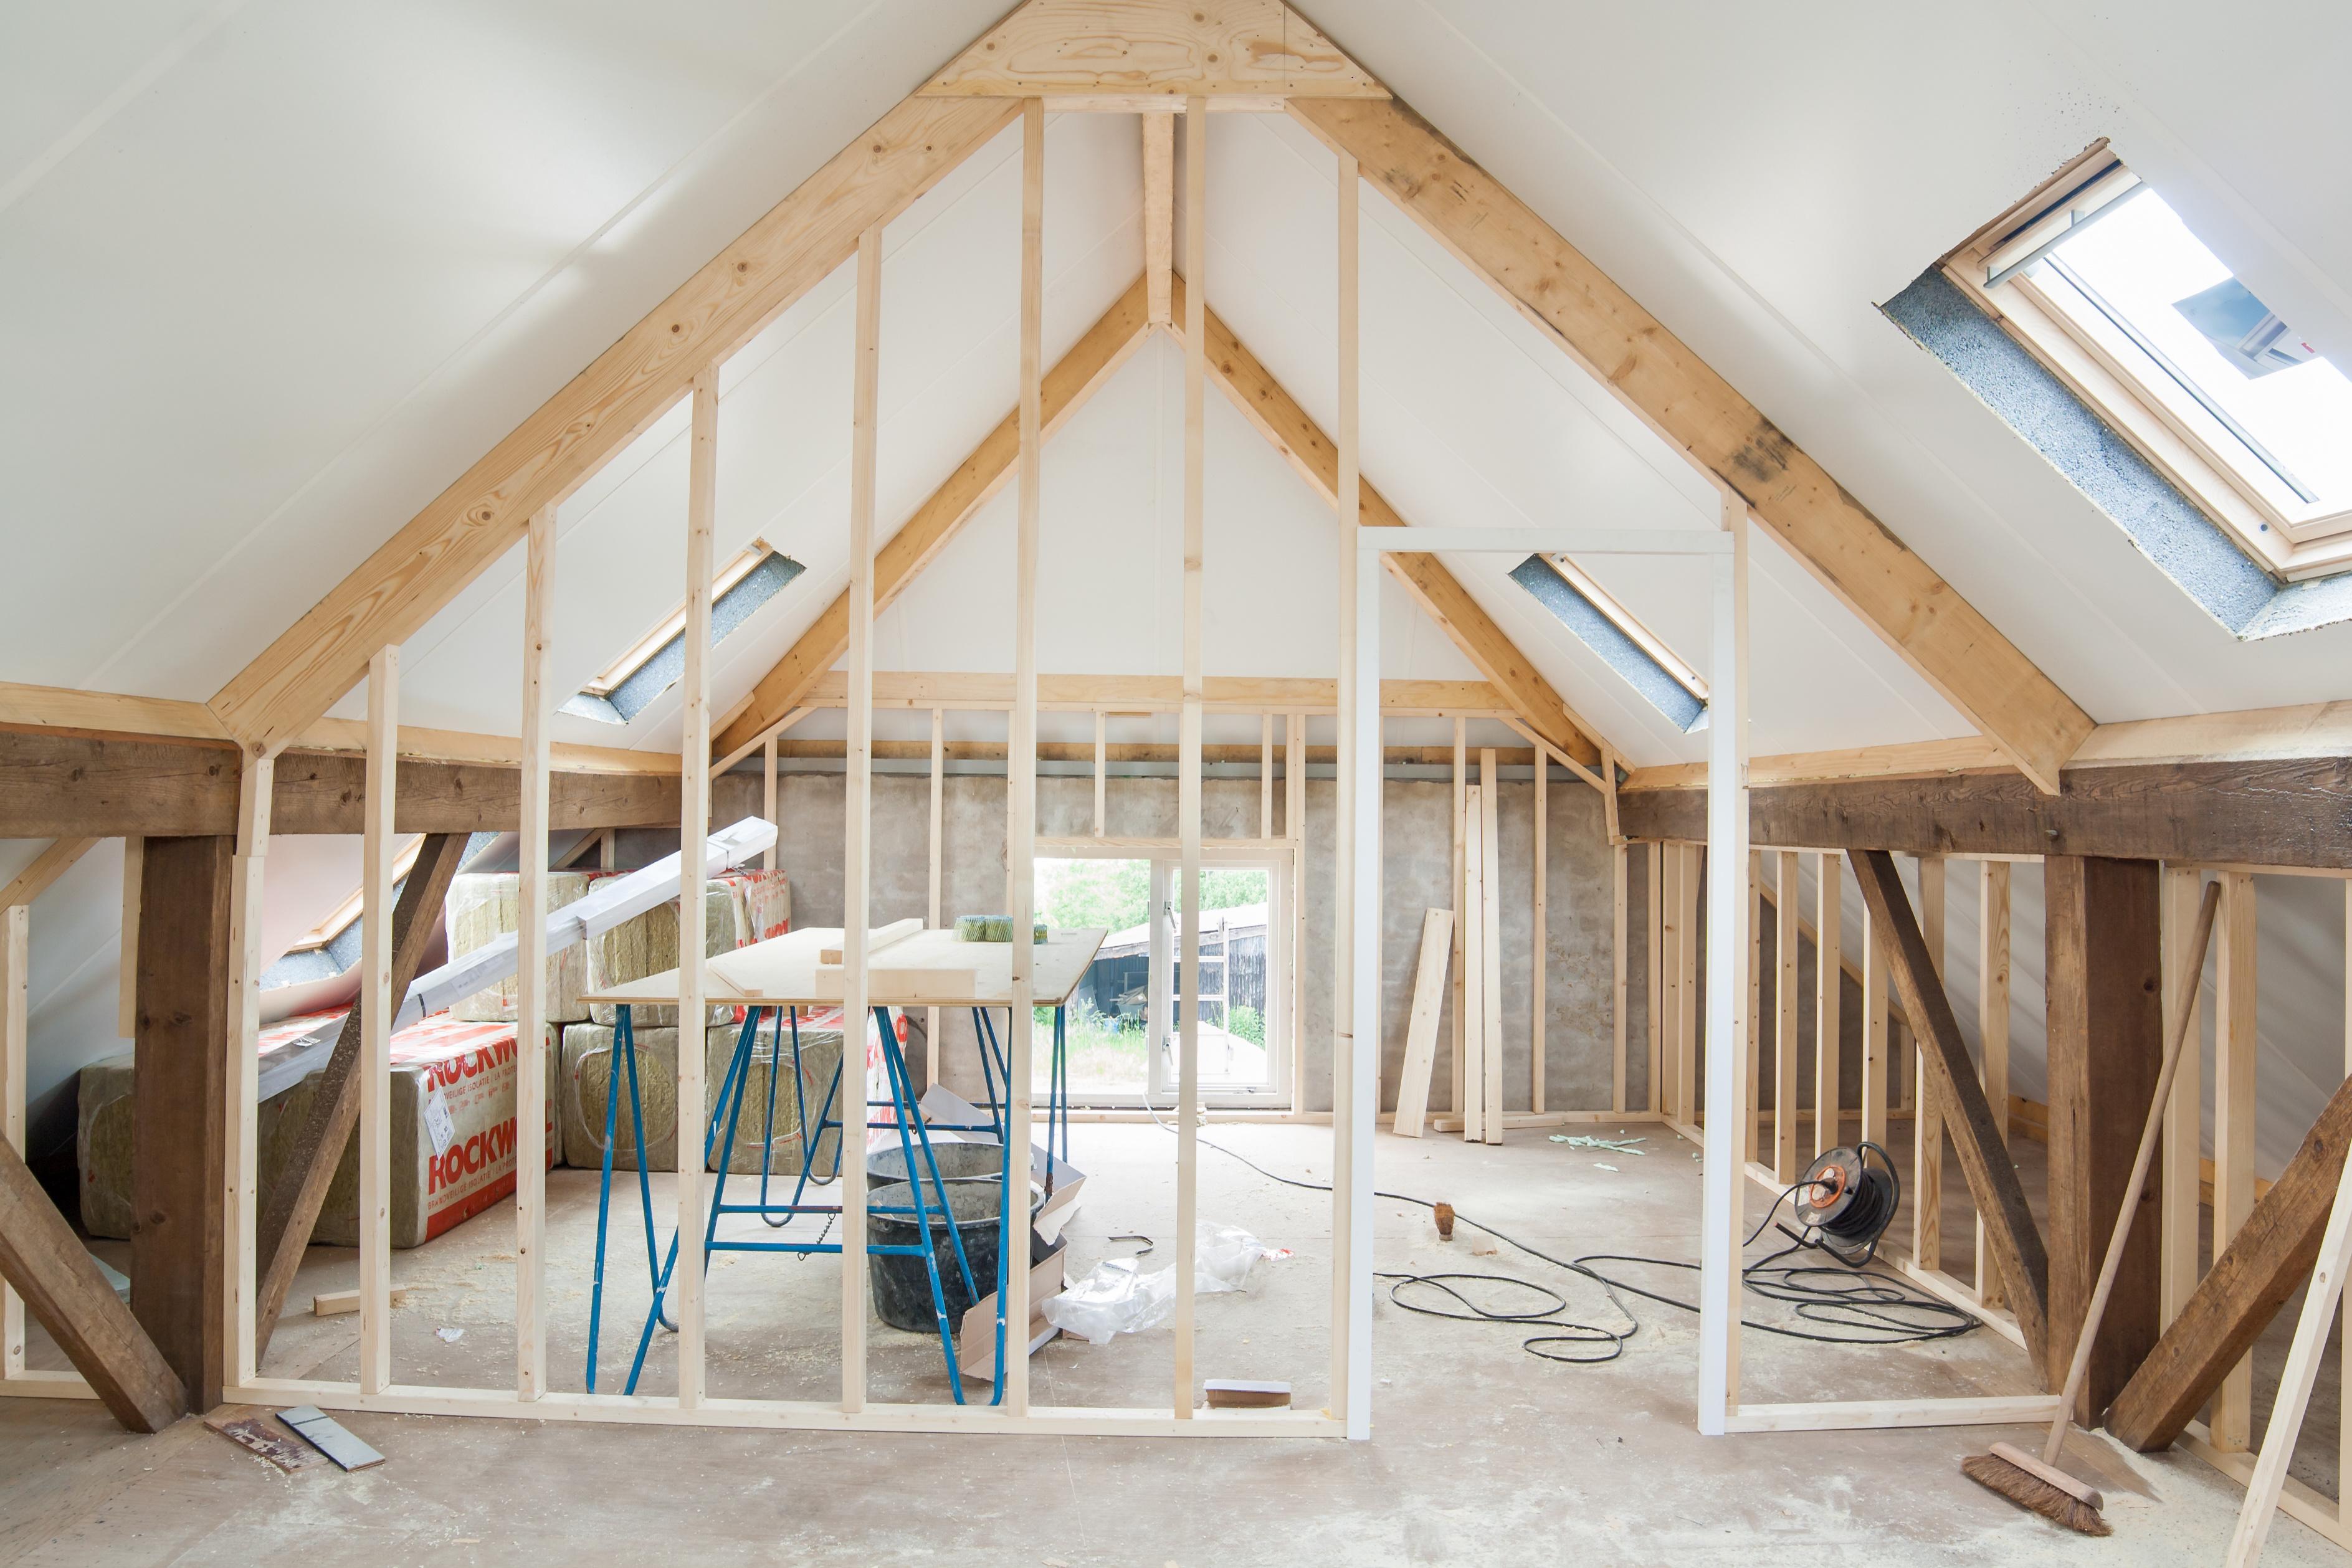 Nedrivning eller renovering af hus? Få svaret her!